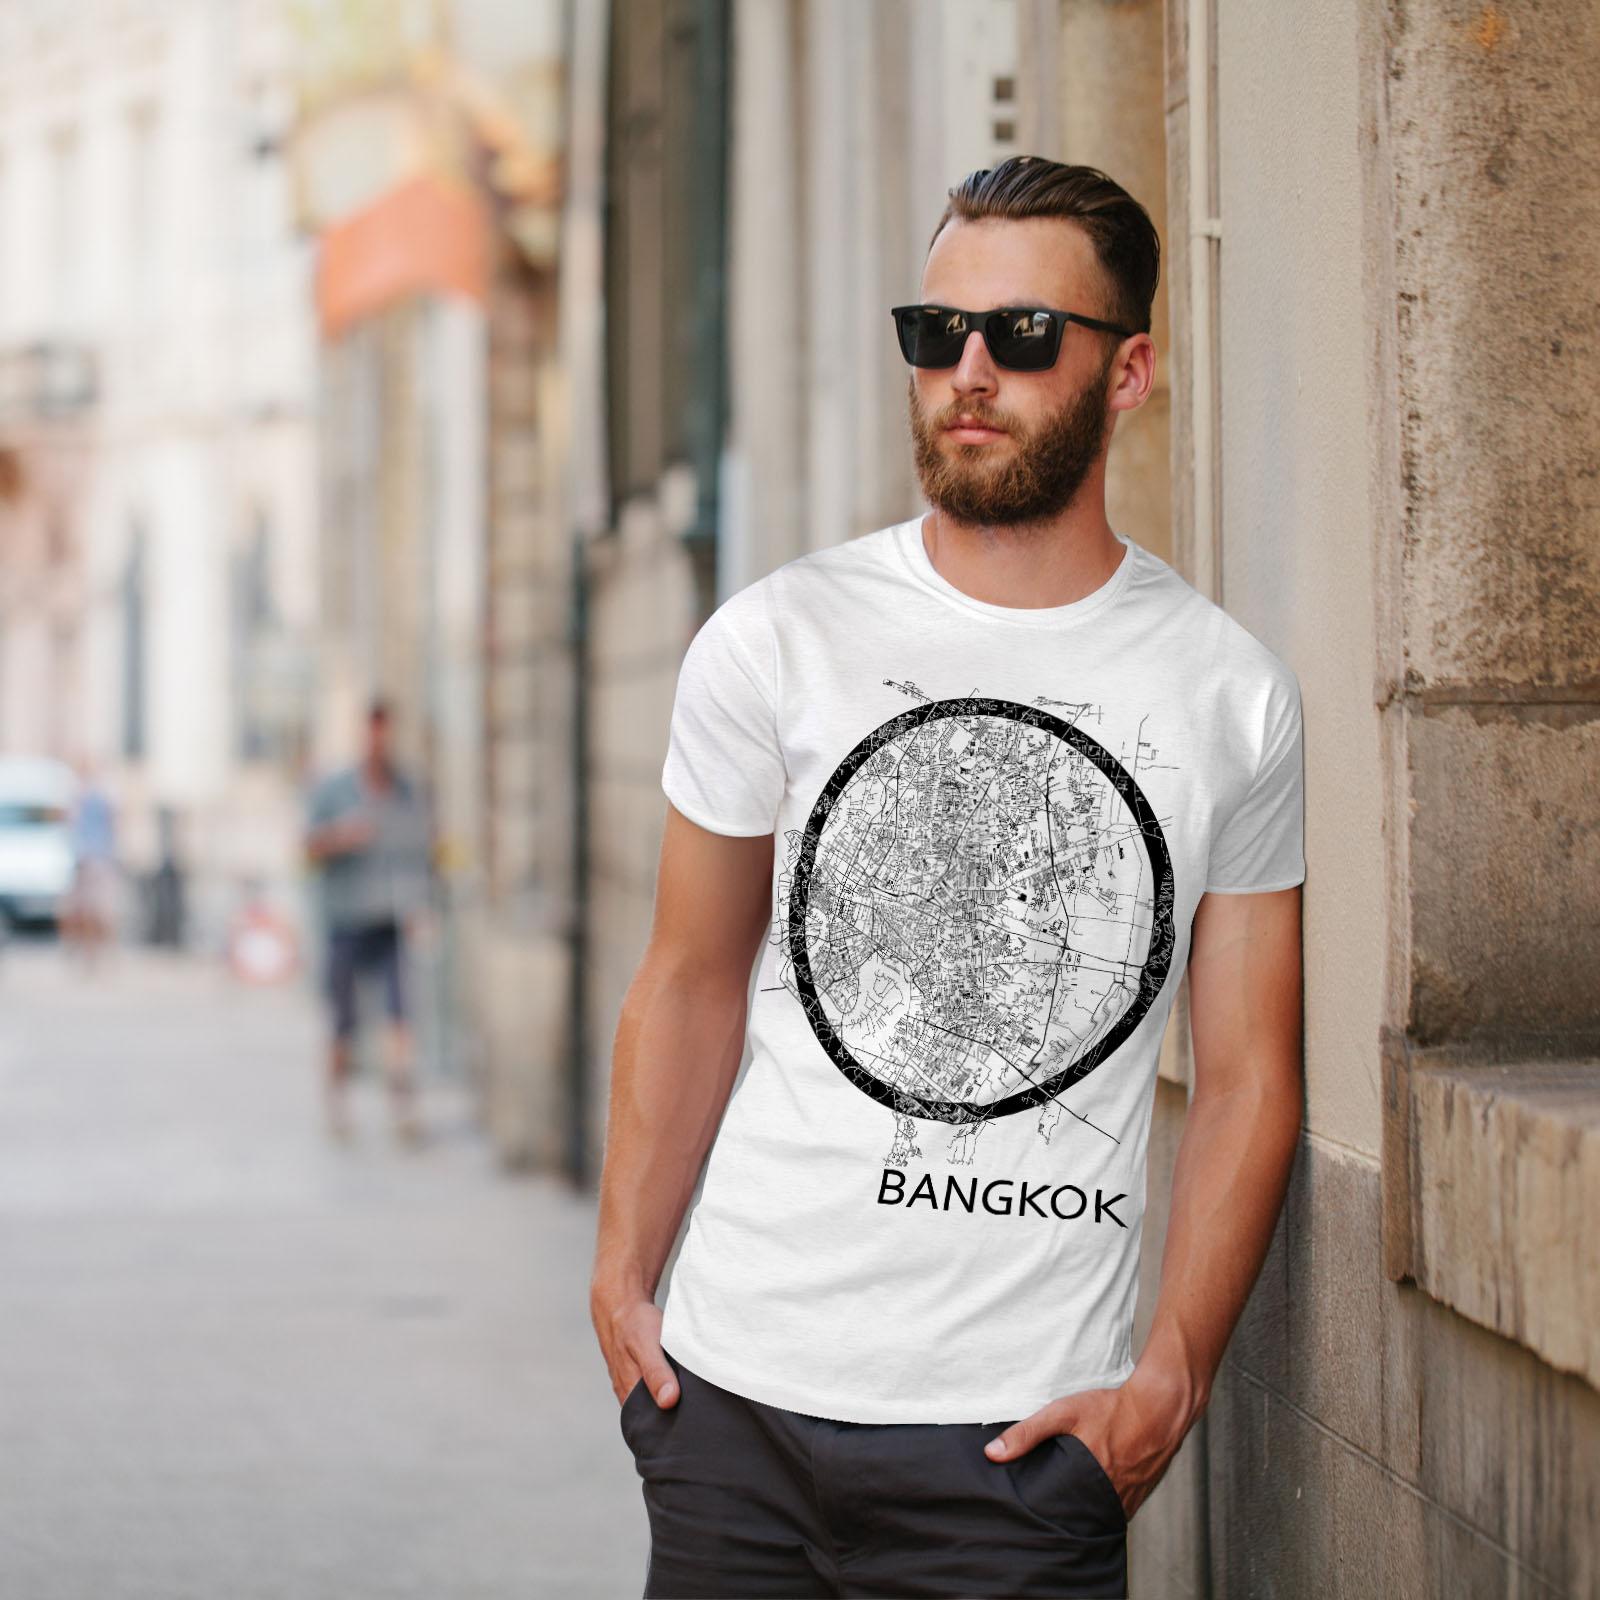 Wellcoda-Thailand-Bangkok-Map-Mens-T-shirt-Big-Graphic-Design-Printed-Tee thumbnail 11